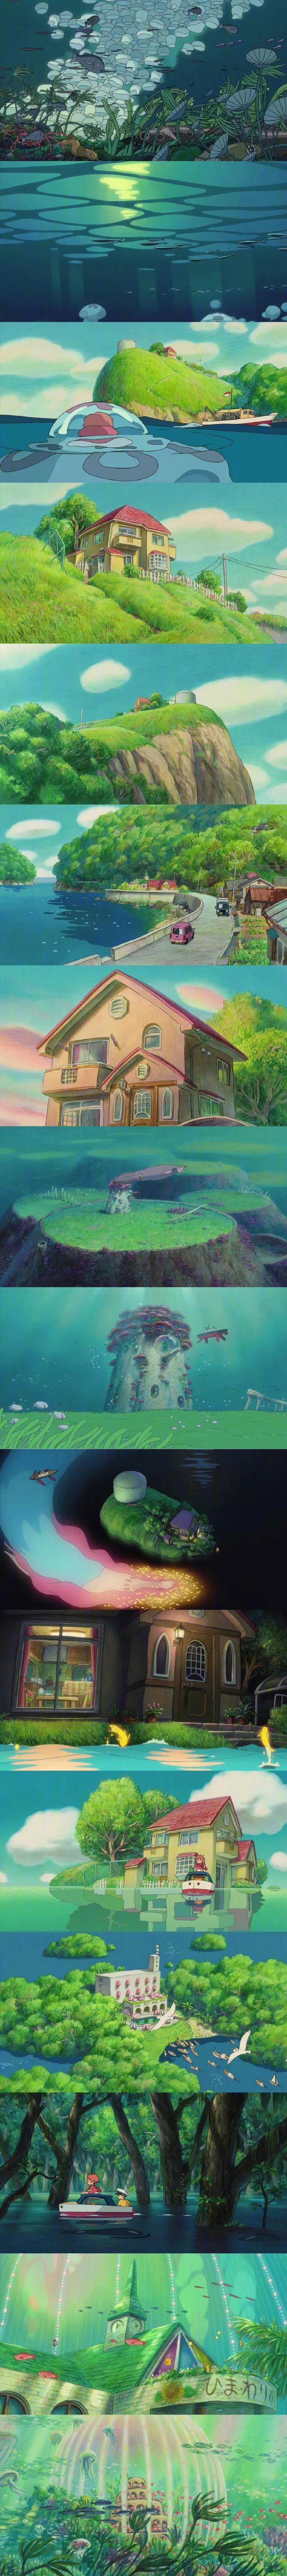 宫崎骏的动画世界 壁纸特辑,人间真有这些地方就好了!_图片 No.7